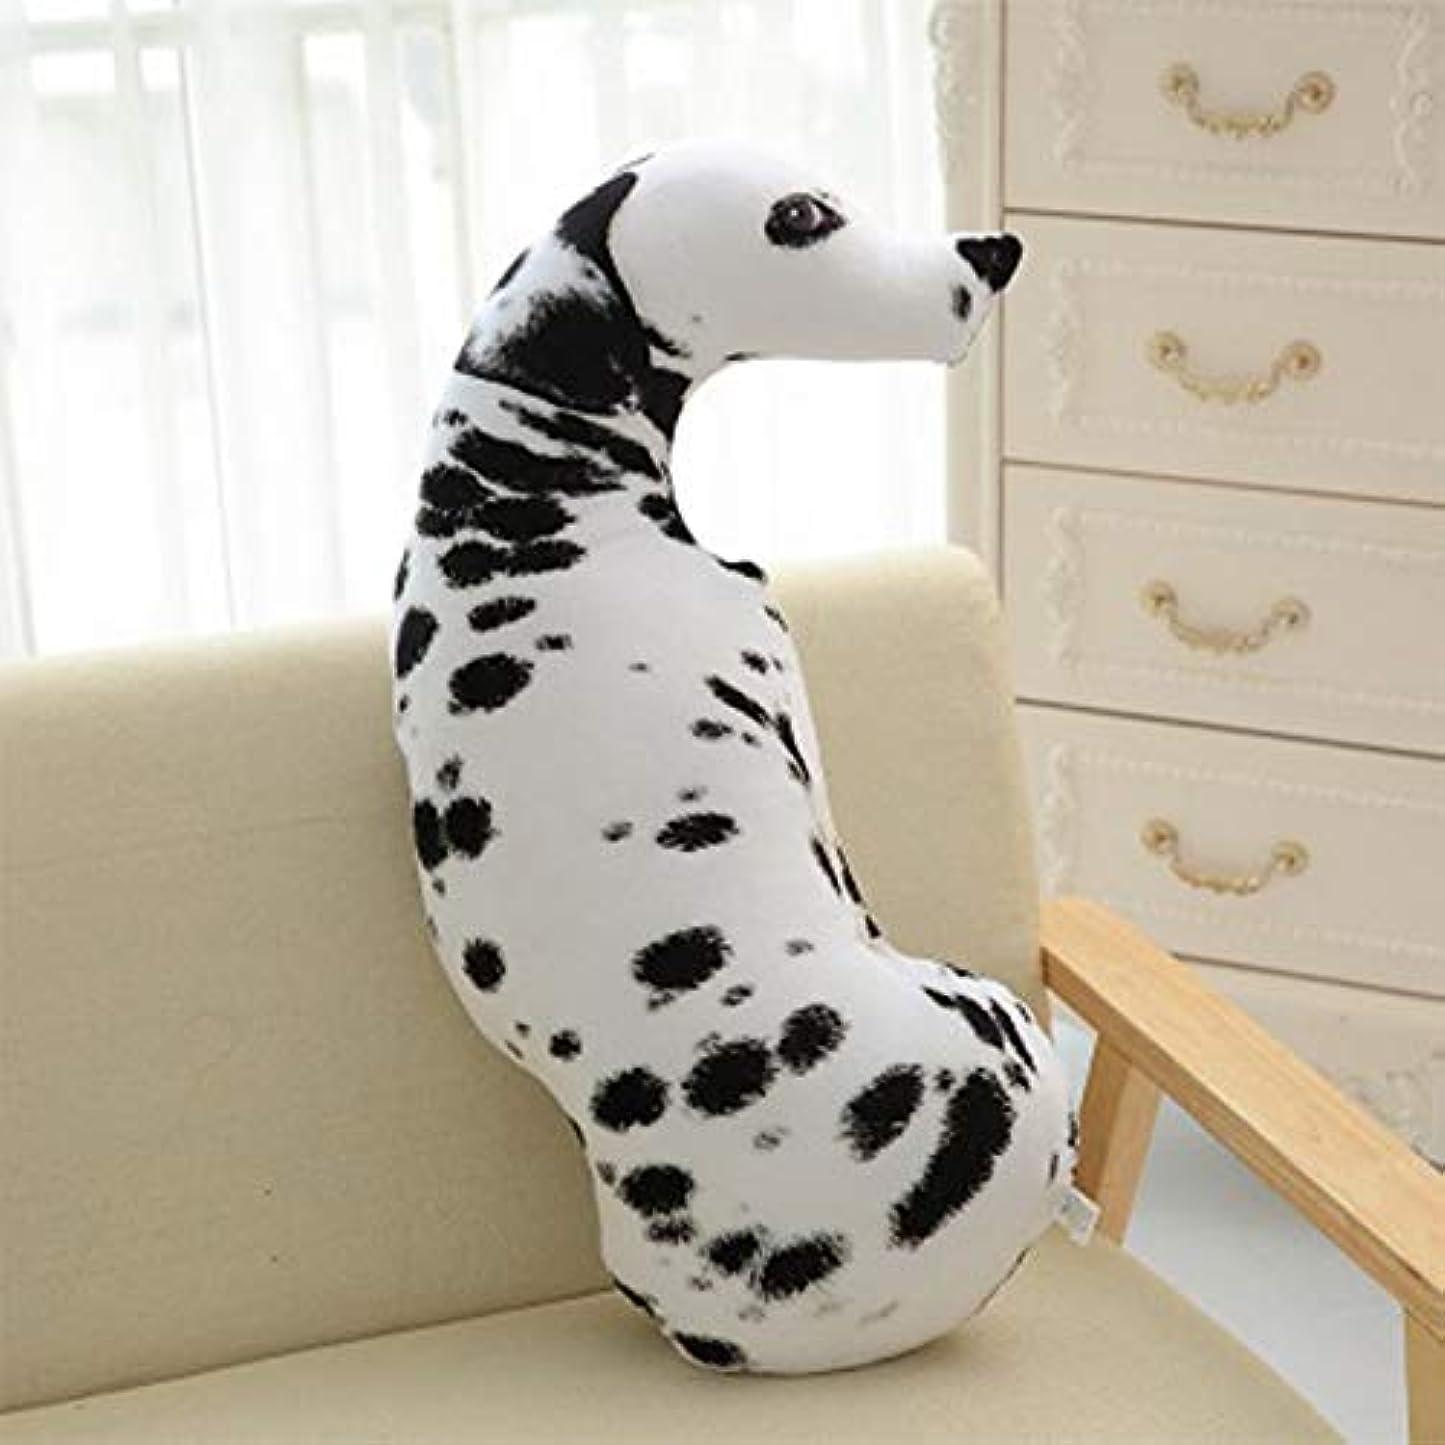 プログレッシブ移民滅びるLIFE 3D プリントシミュレーション犬ぬいぐるみクッションぬいぐるみ犬ぬいぐるみ枕ぬいぐるみの漫画クッションキッズ人形ベストギフト クッション 椅子